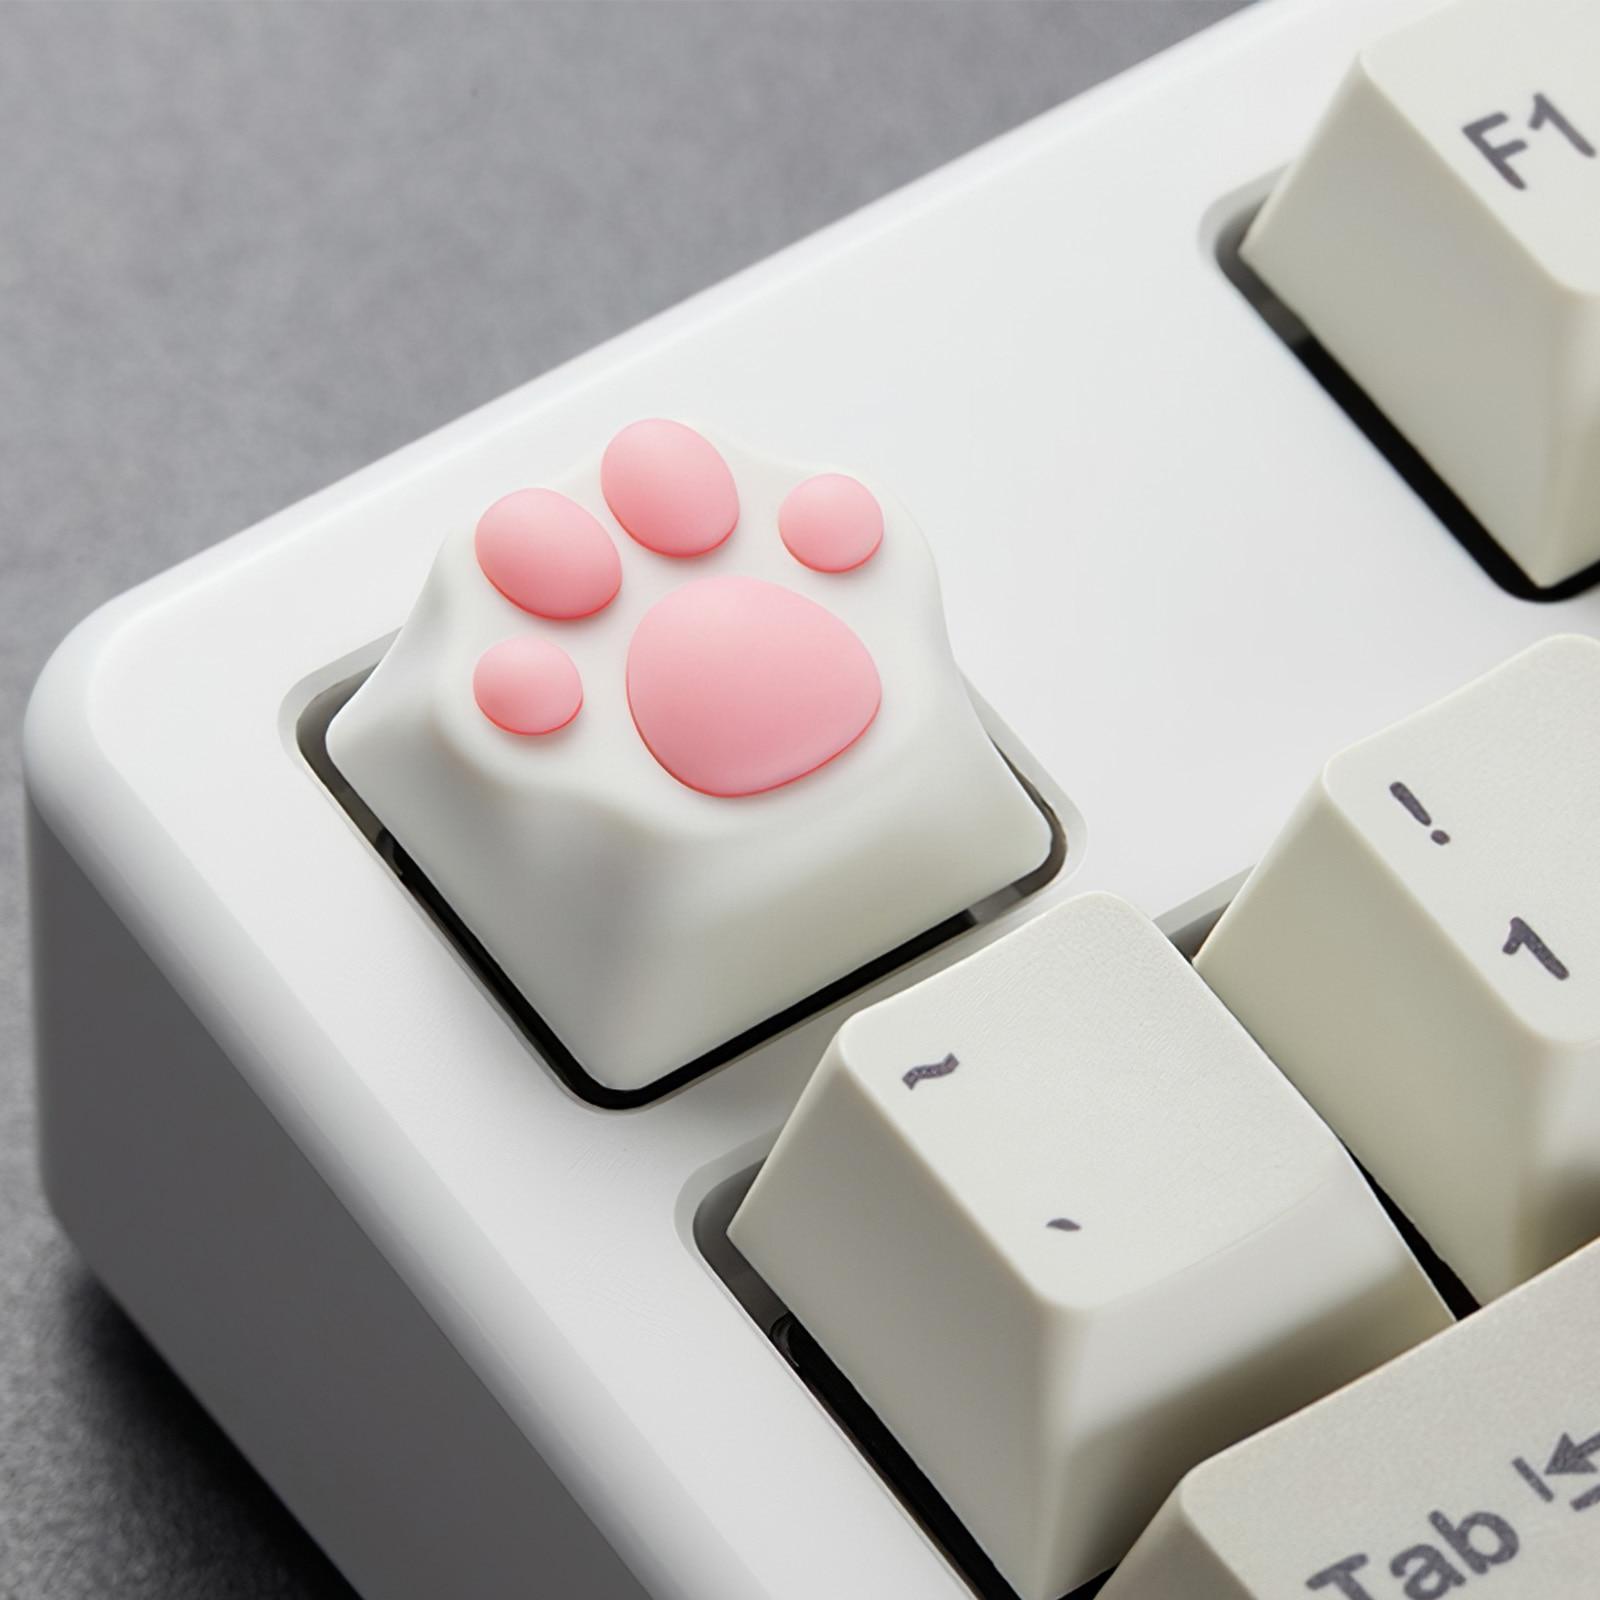 Cheap Mouse e acessórios p teclados